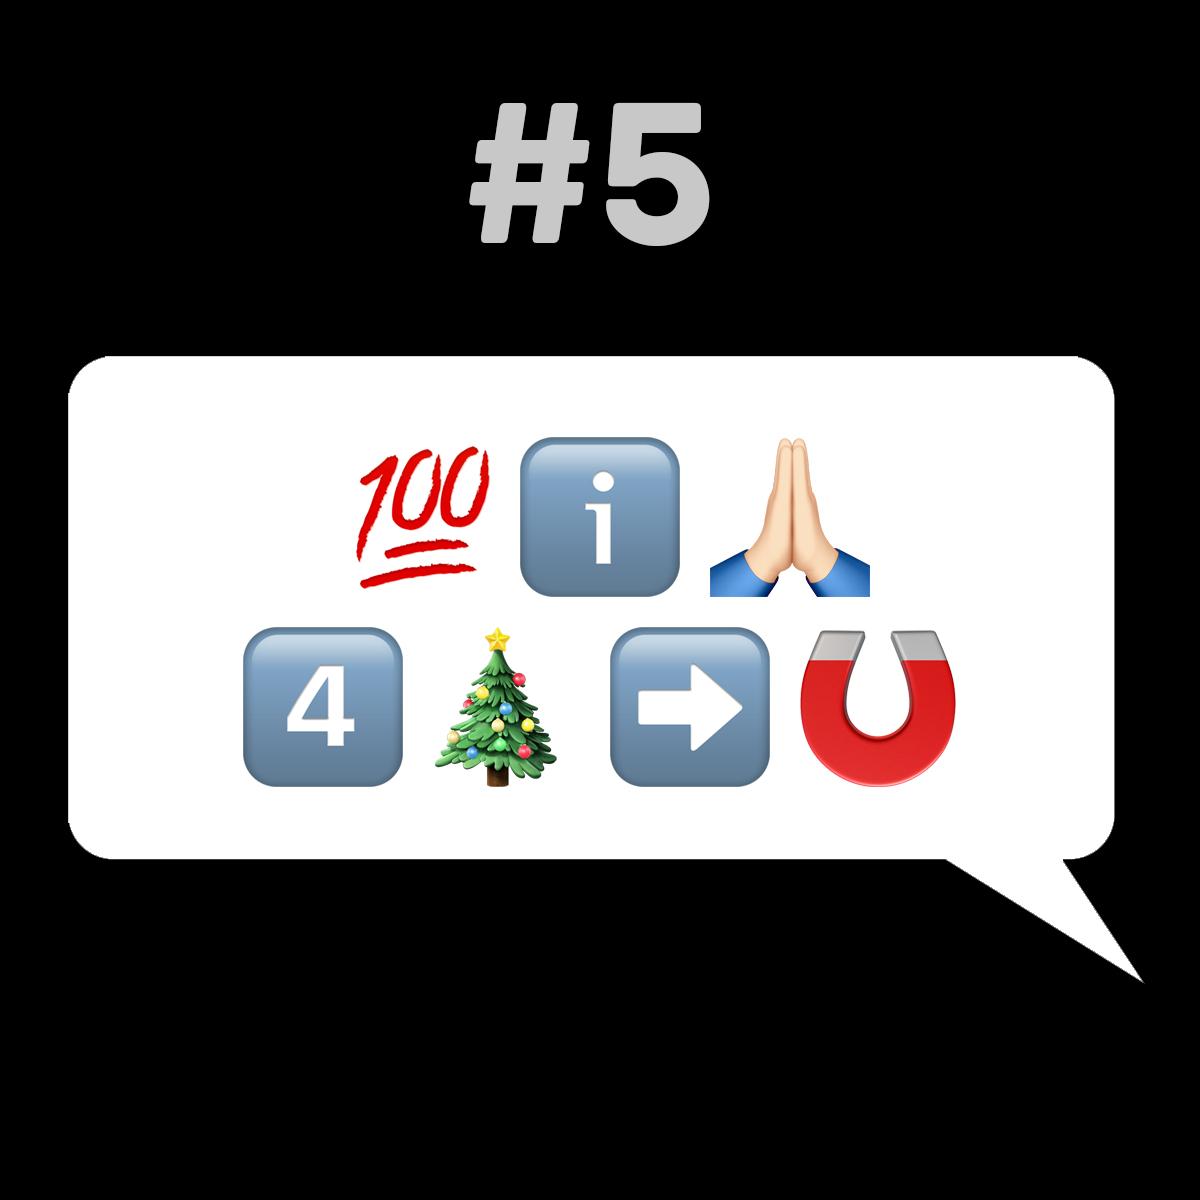 Songtitel in Emojis dargestellt emojibands_05